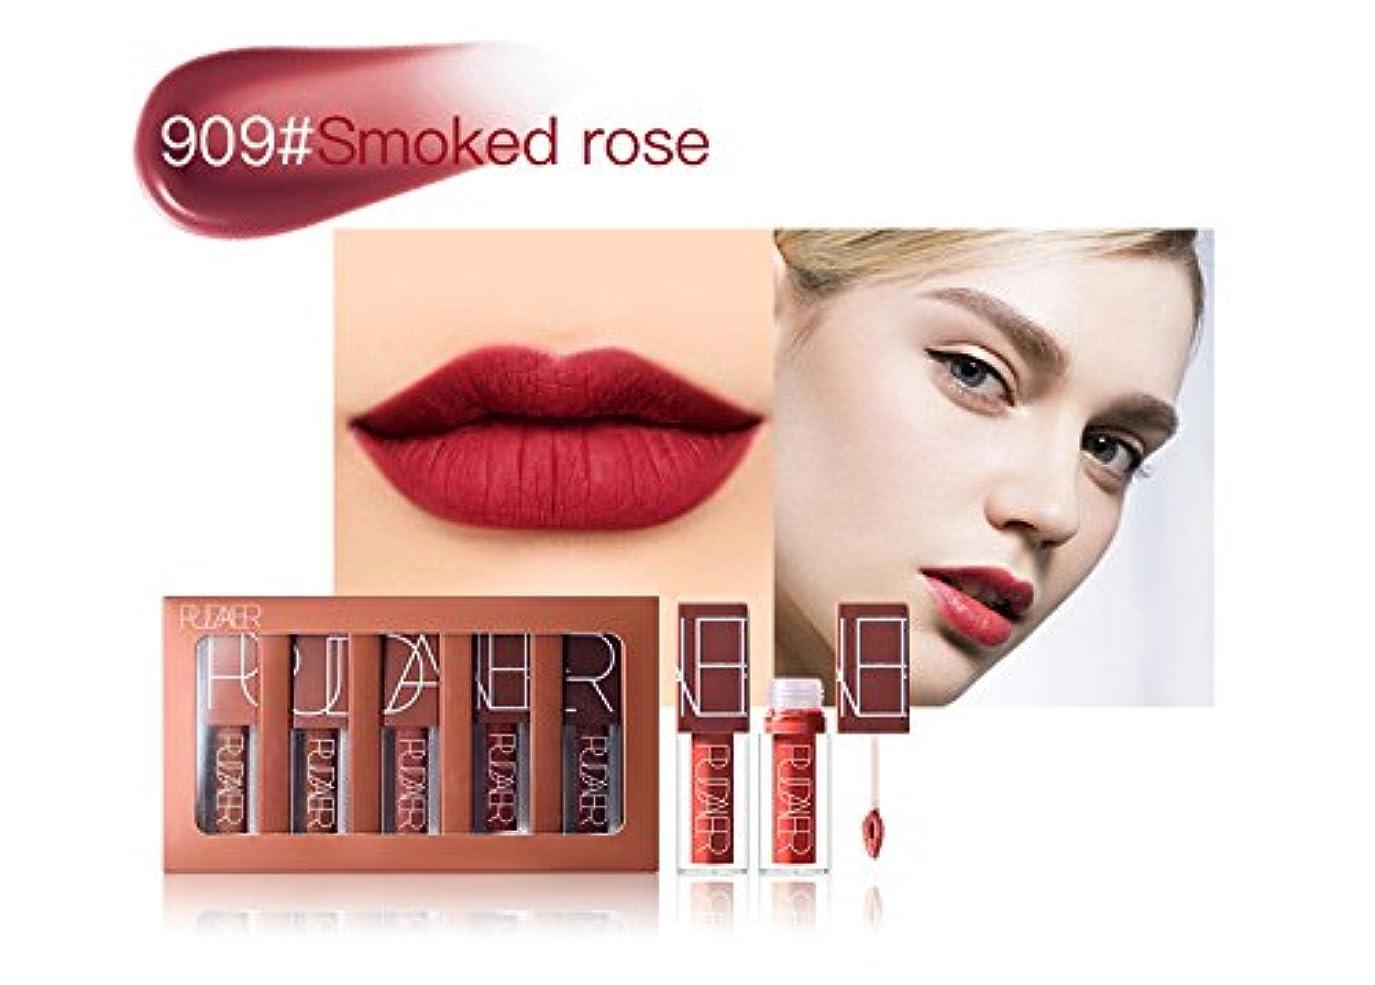 二層バウンススピーカーNo #909 Hot Brand Long Lasting Velvet Lips Tint Liquid Lipstick Matte Beauty Cosmetics Sexy Nude Pigment Matte...